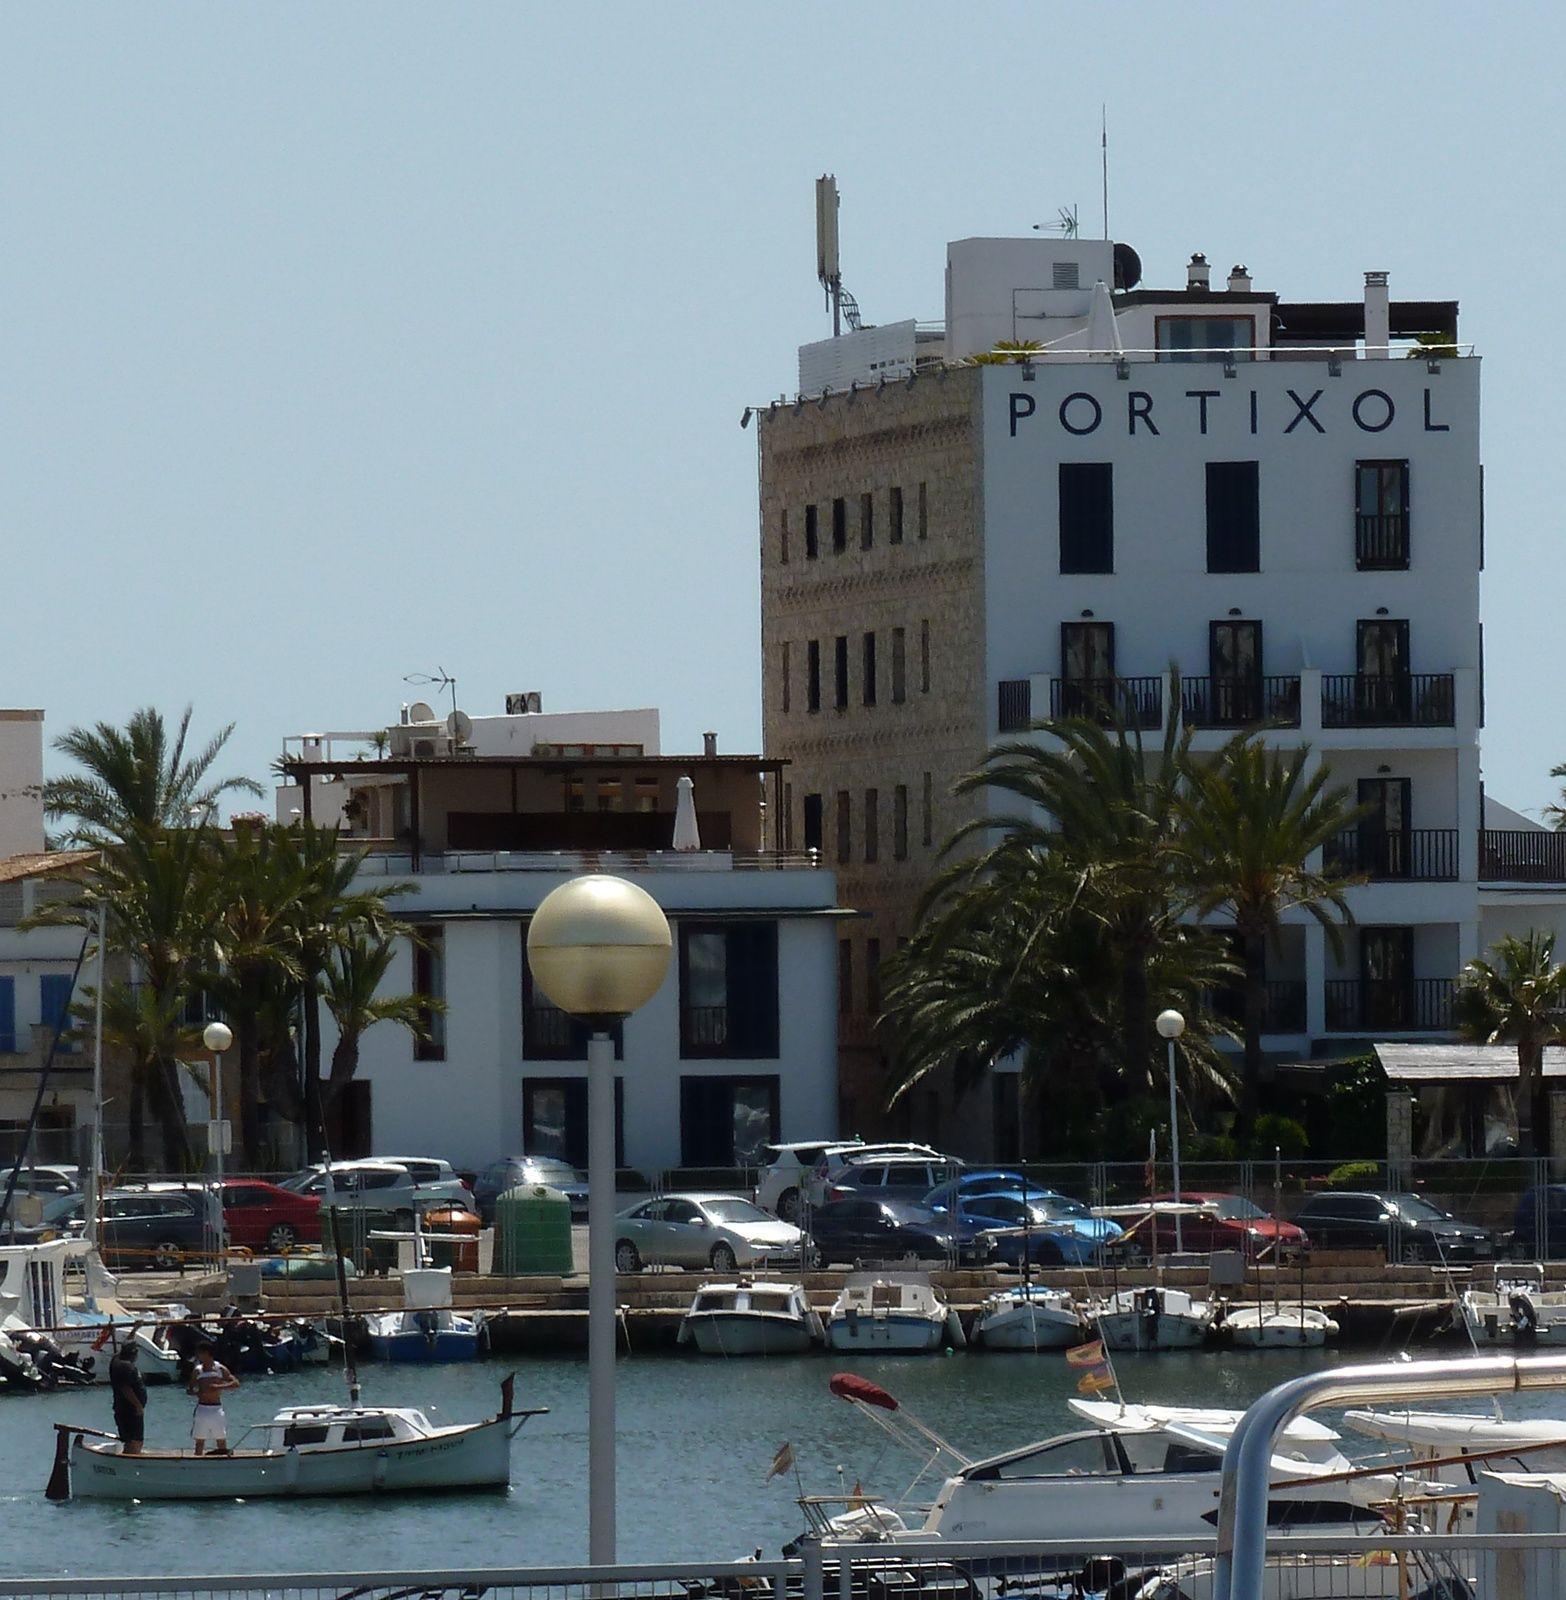 Port de Portixol.